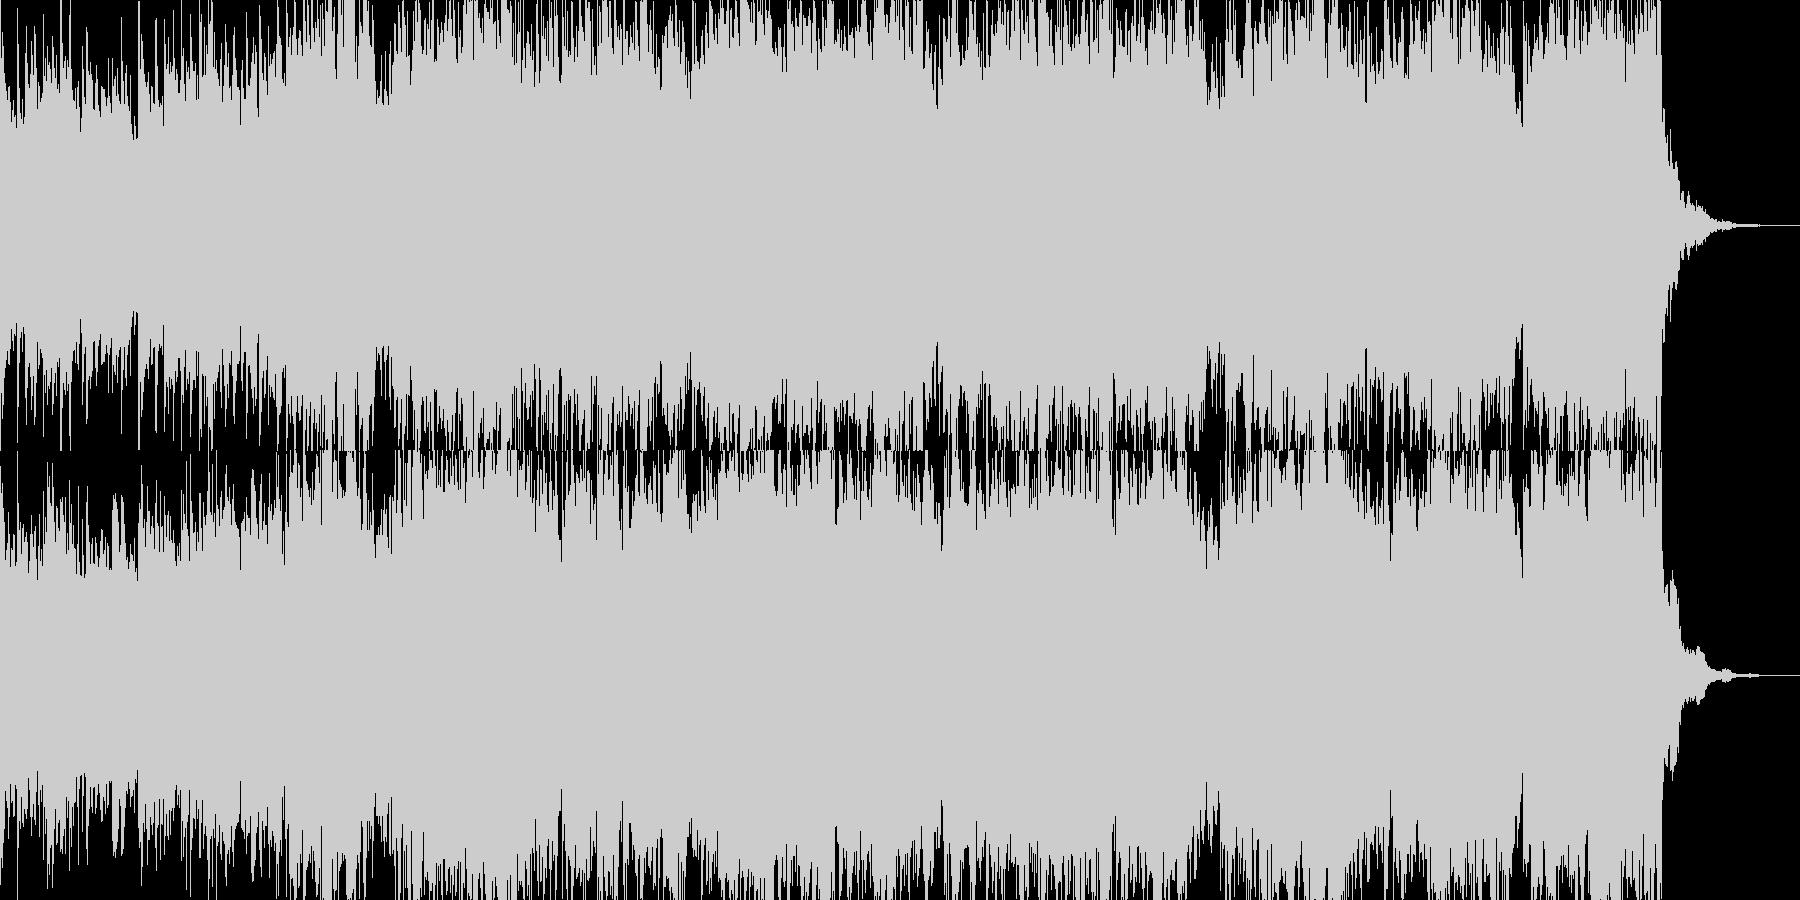 アジアンテイストのオケに切ないギターソロの未再生の波形